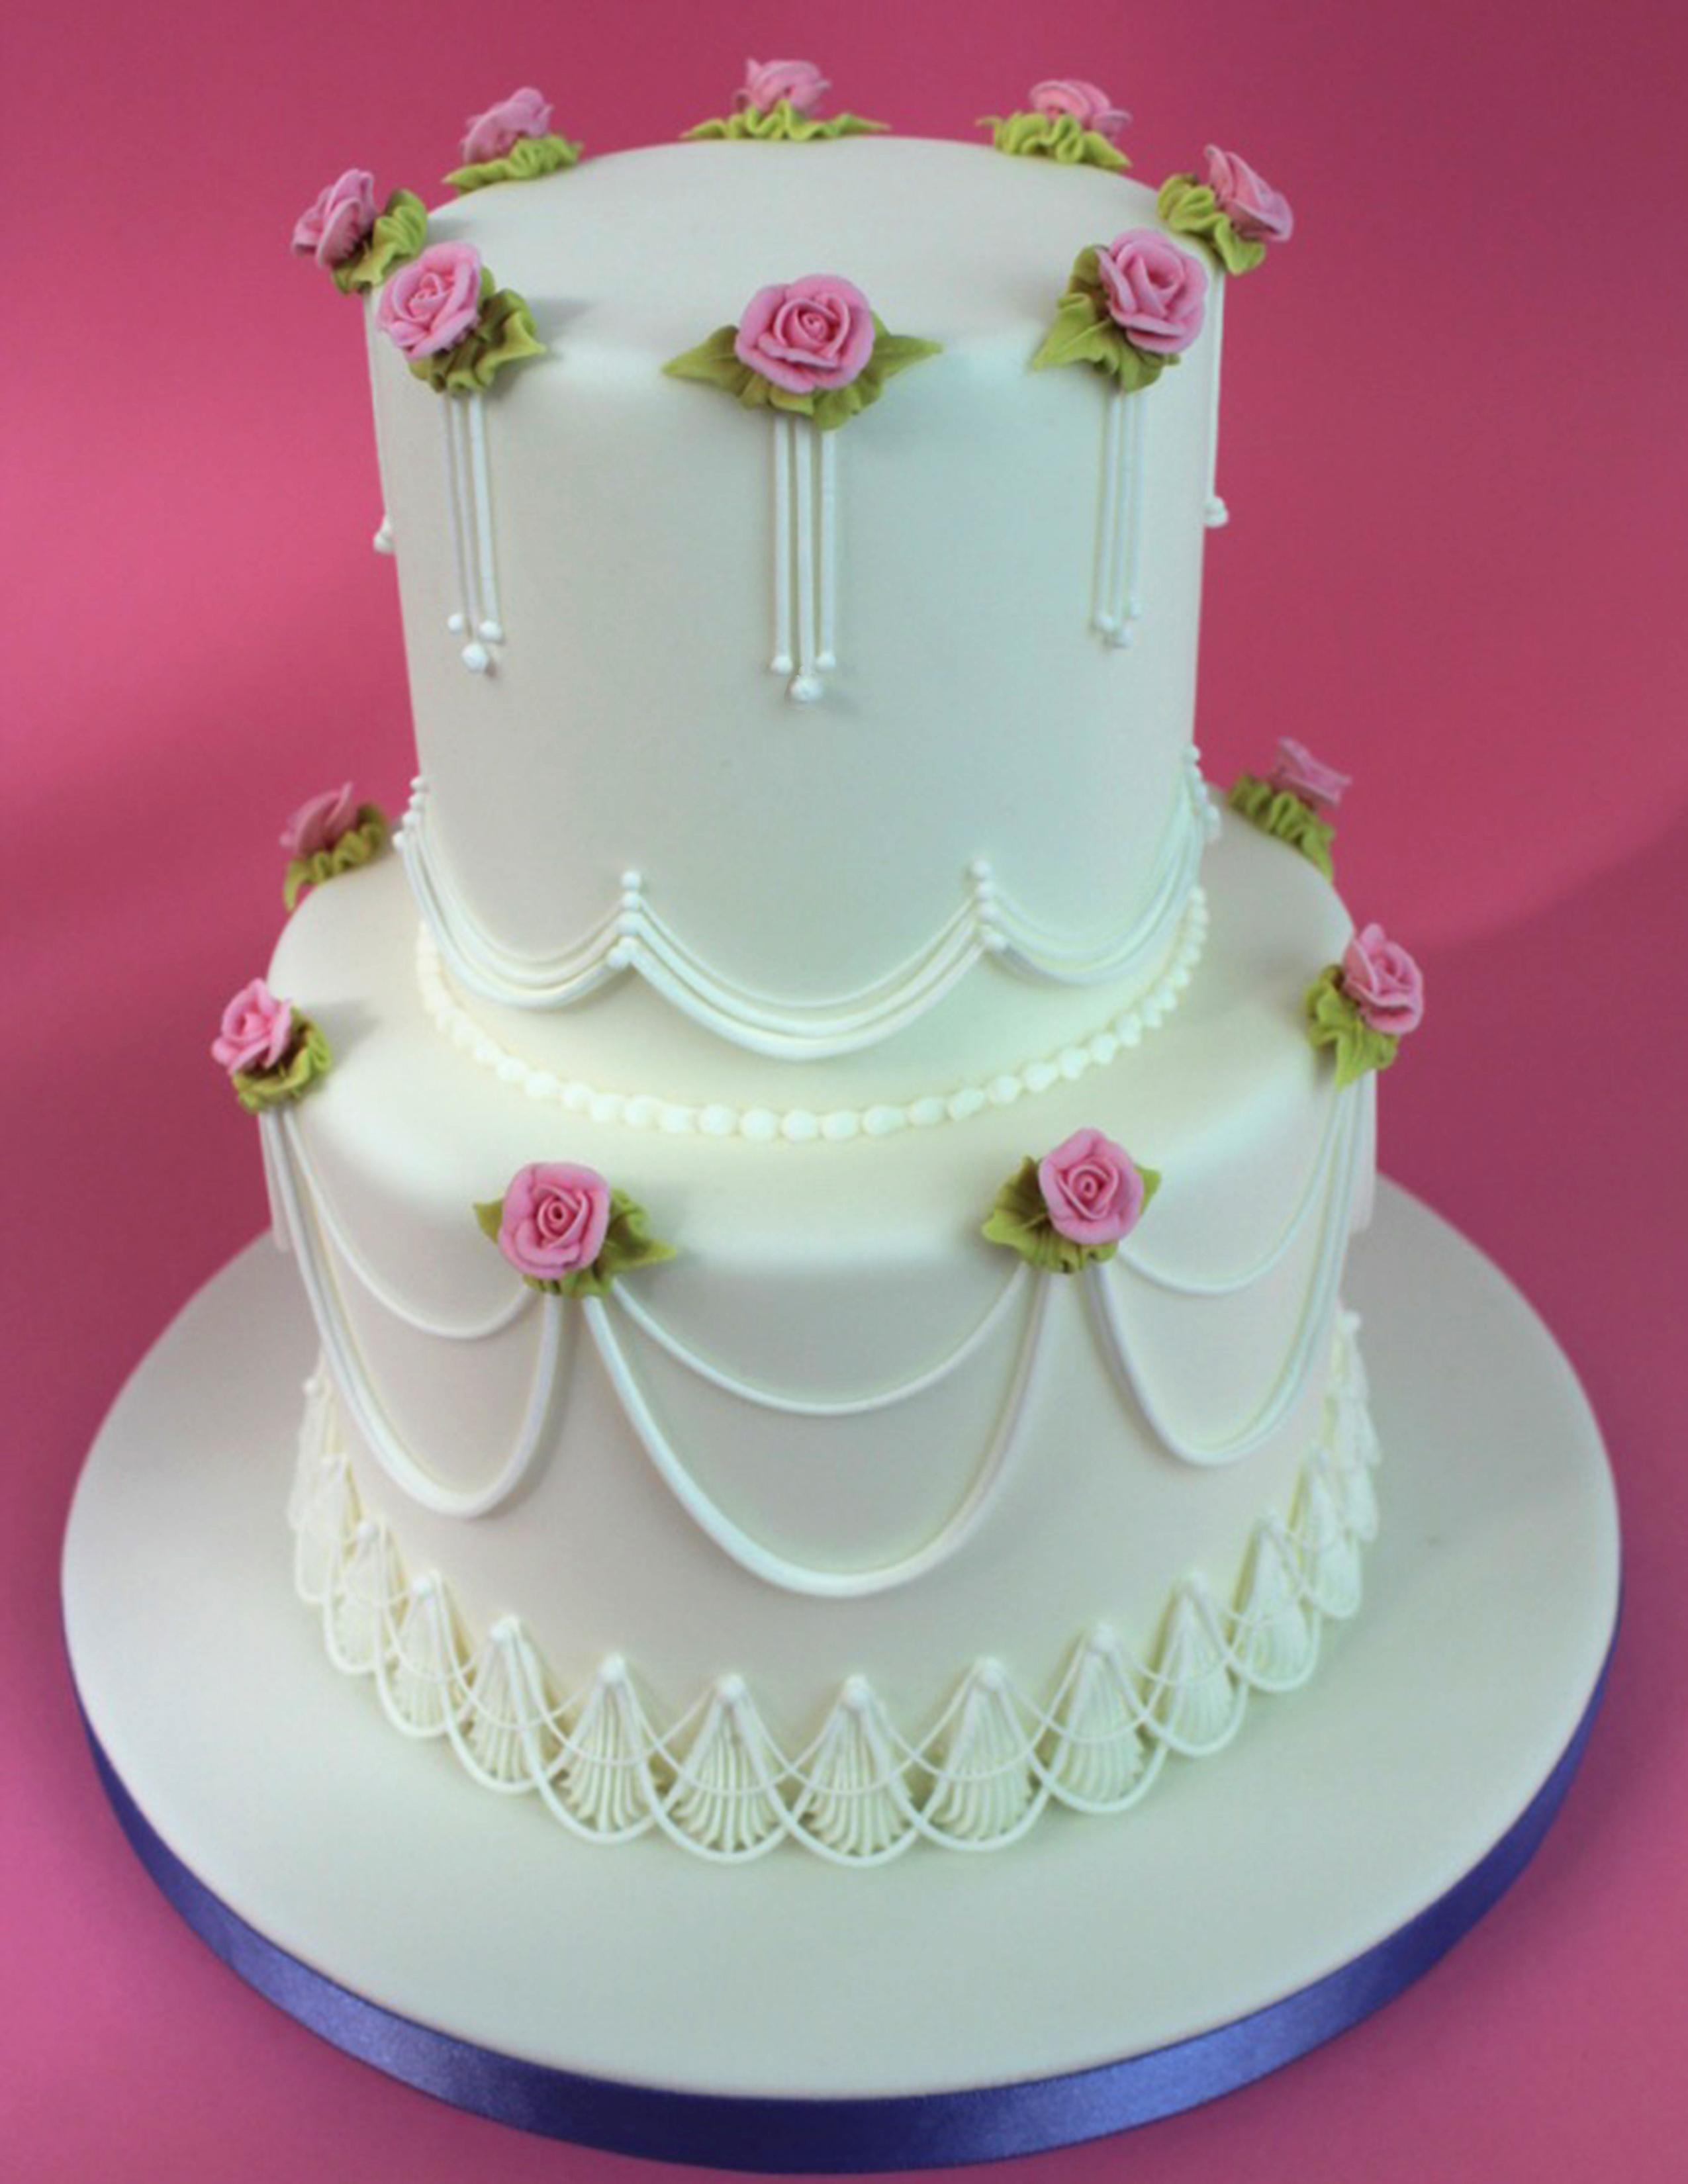 Dainty Little Celebration Cake V2